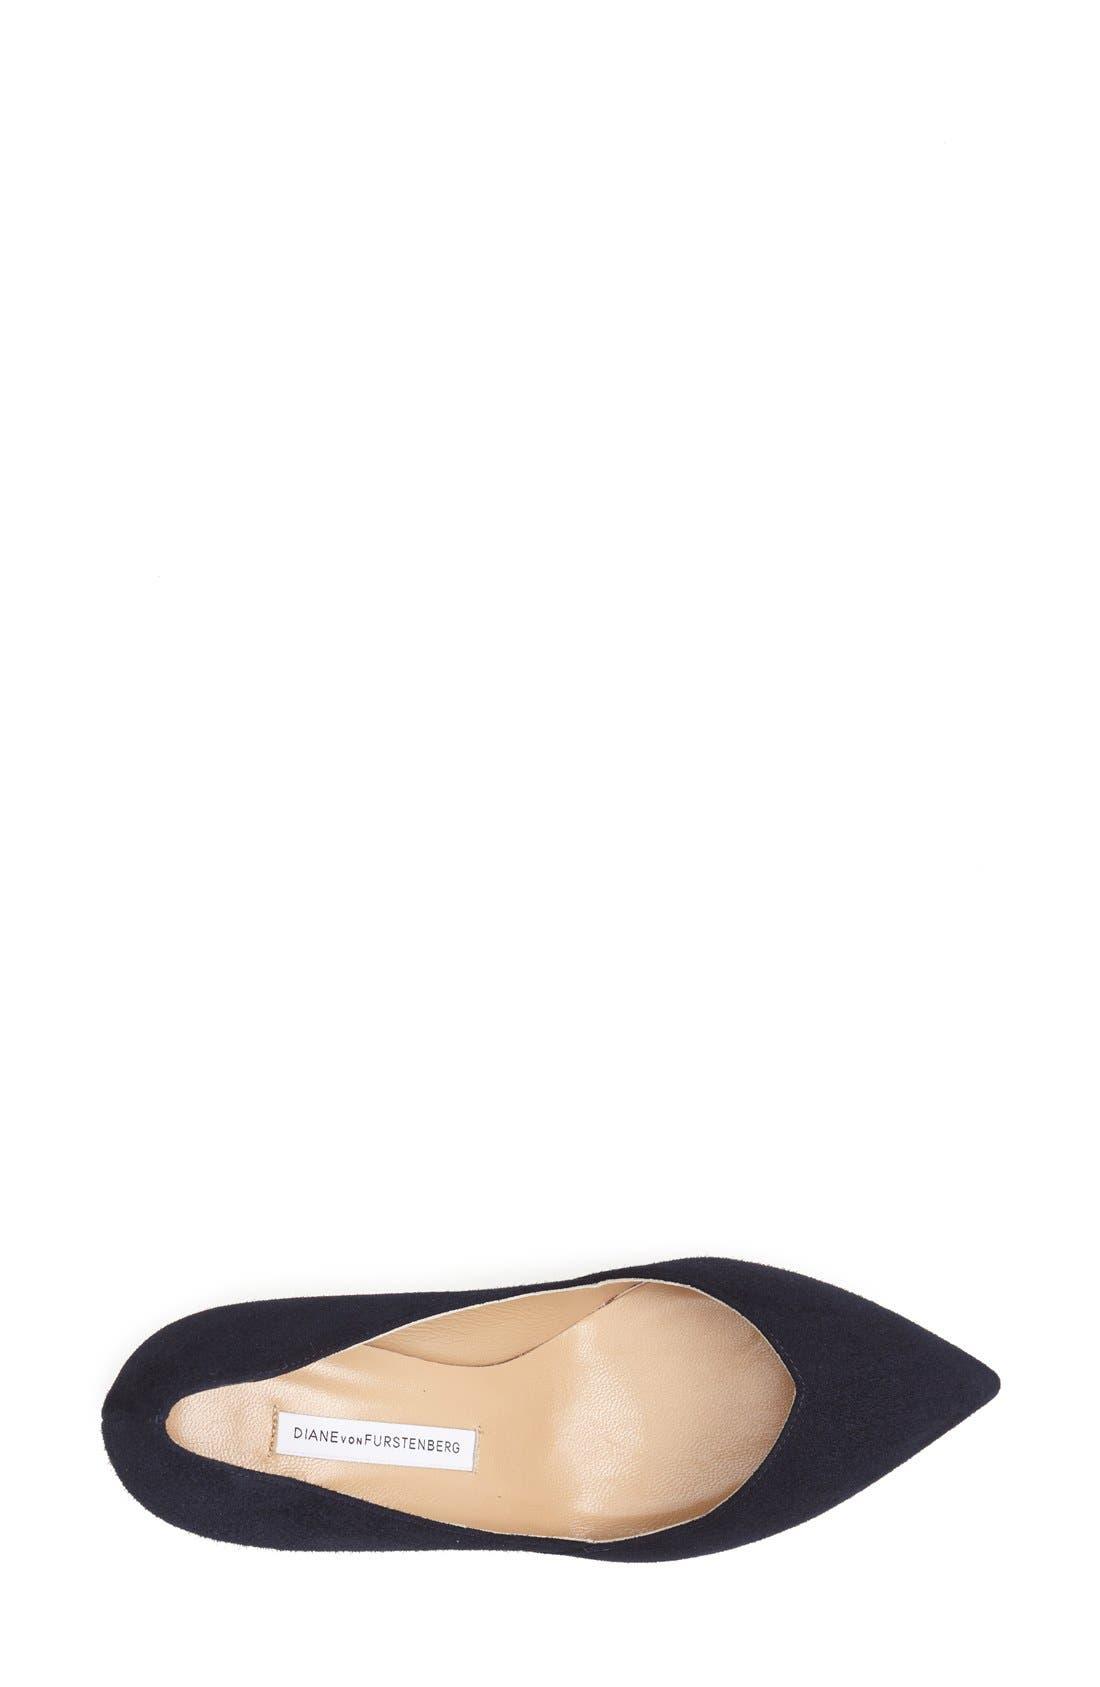 Alternate Image 3  - Diane von Furstenberg 'Hilda' Pointy Toe Pump (Women)